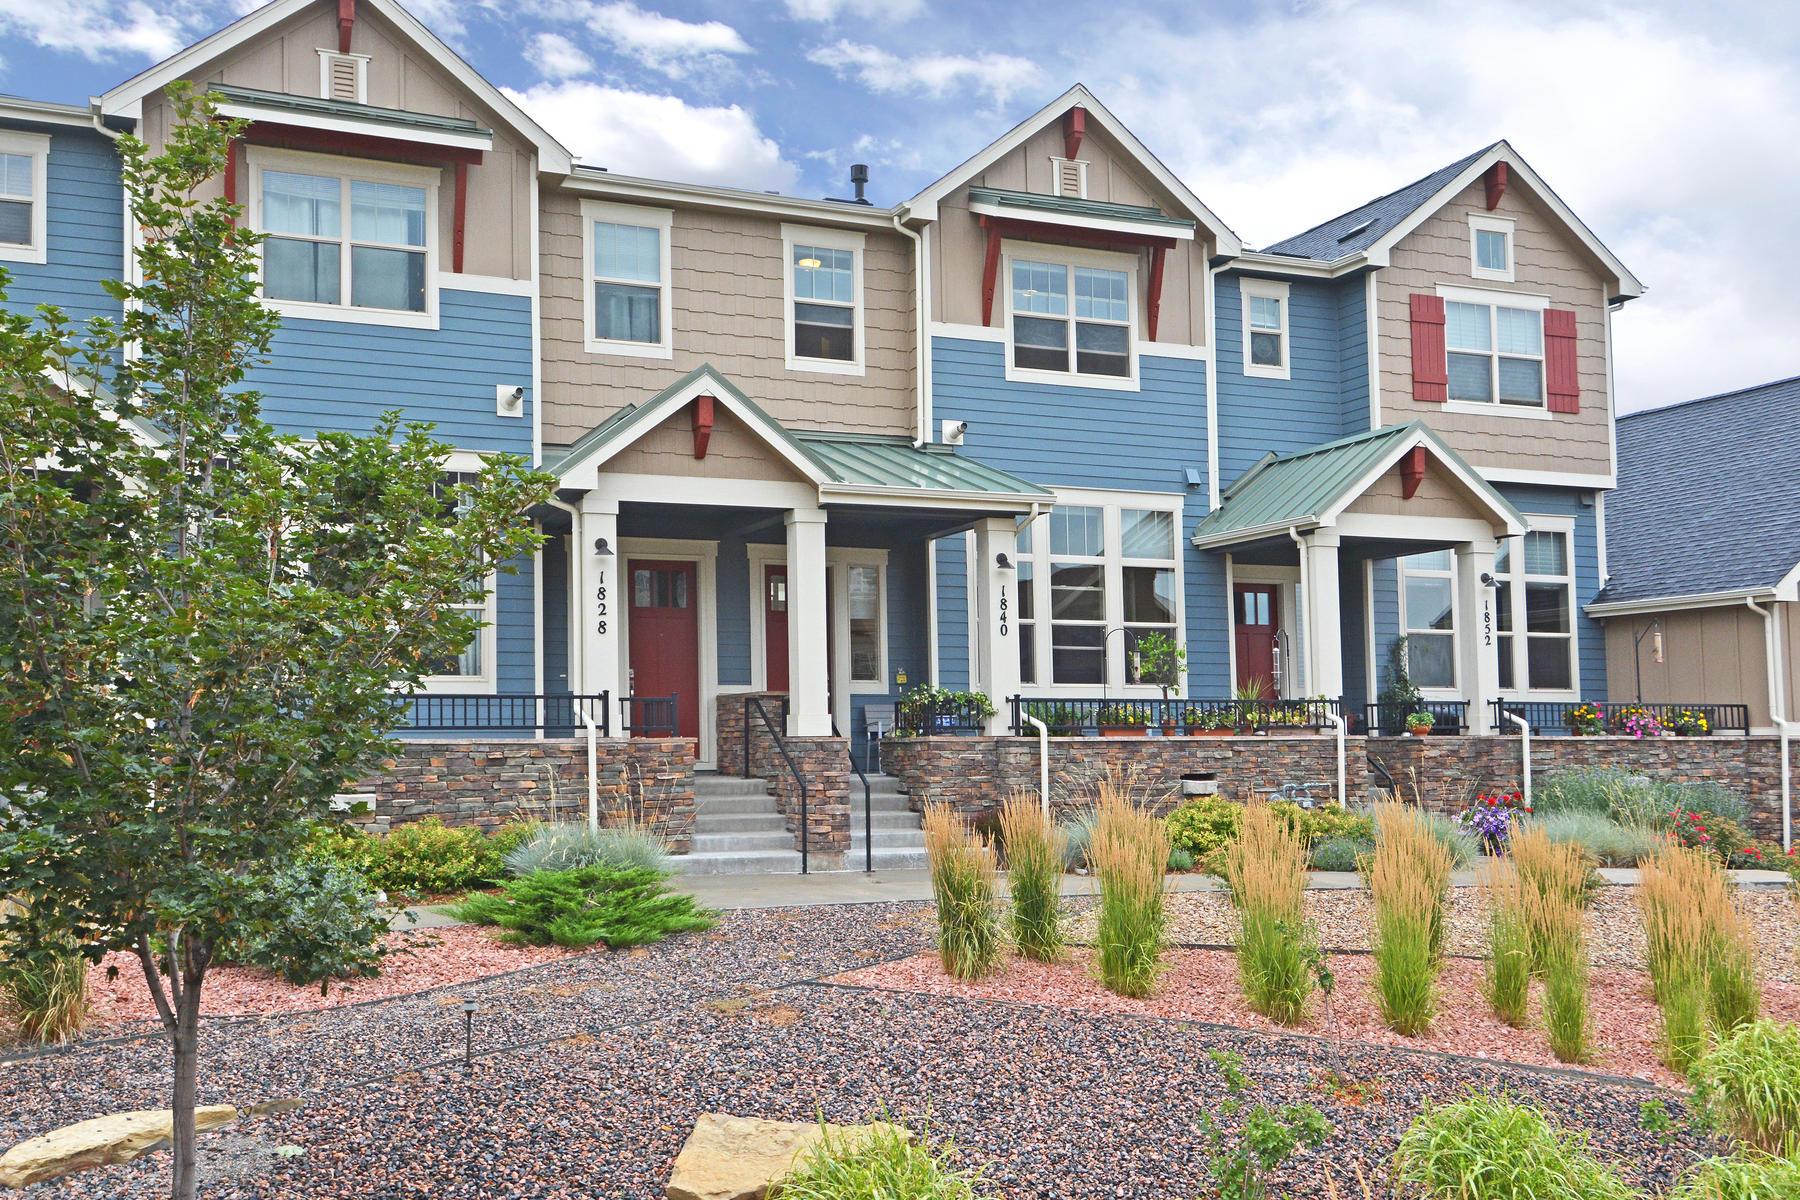 Casa para uma família para Venda às Townhome In Desirable Overlook At Steel Ranch 1840 Gallagher Ln Louisville, Colorado, 80027 Estados Unidos